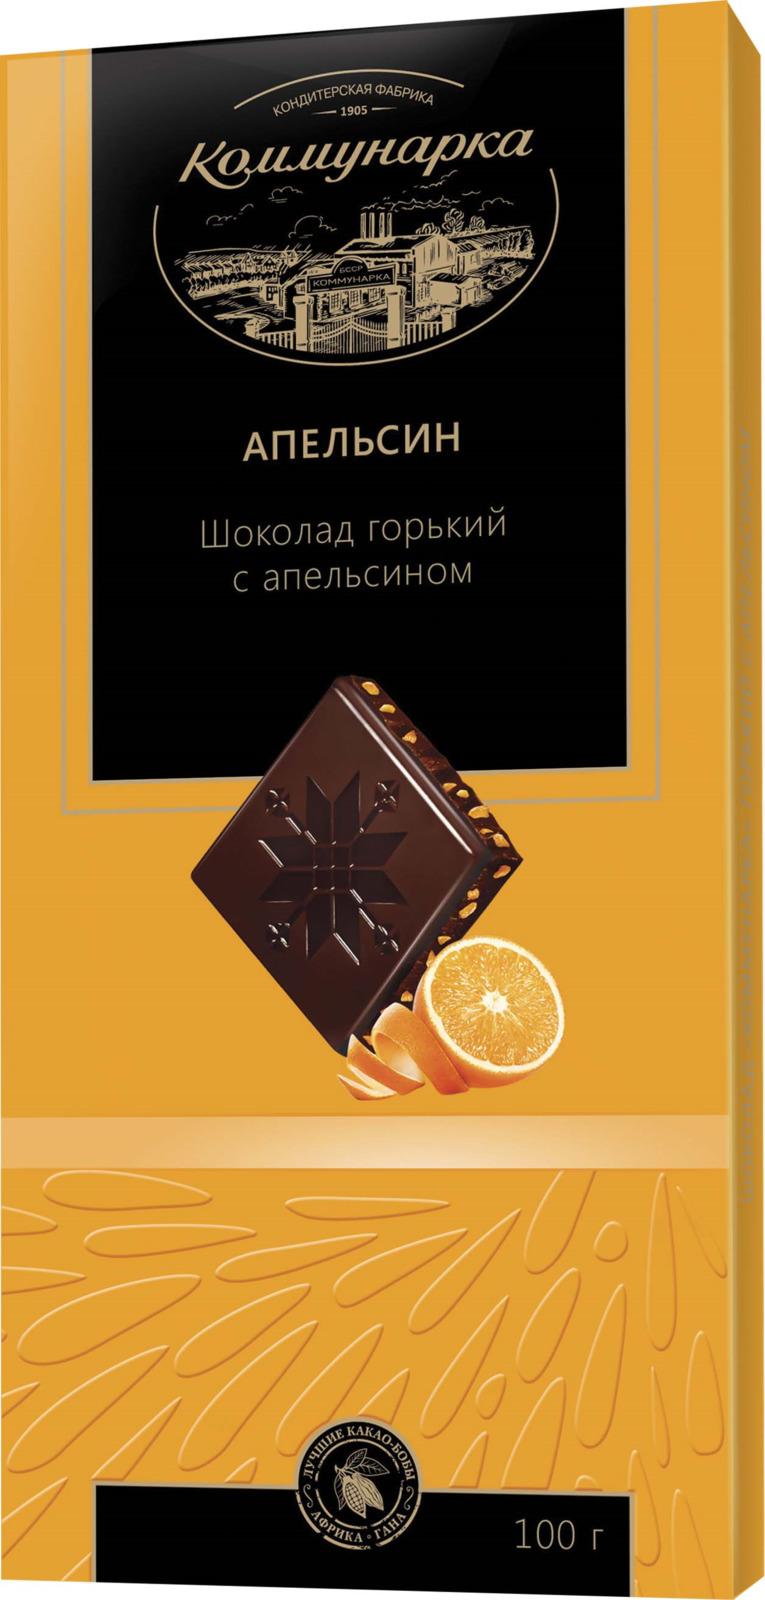 Шоколад Коммунарка, горький, с апельсином, 100 г цена 2017